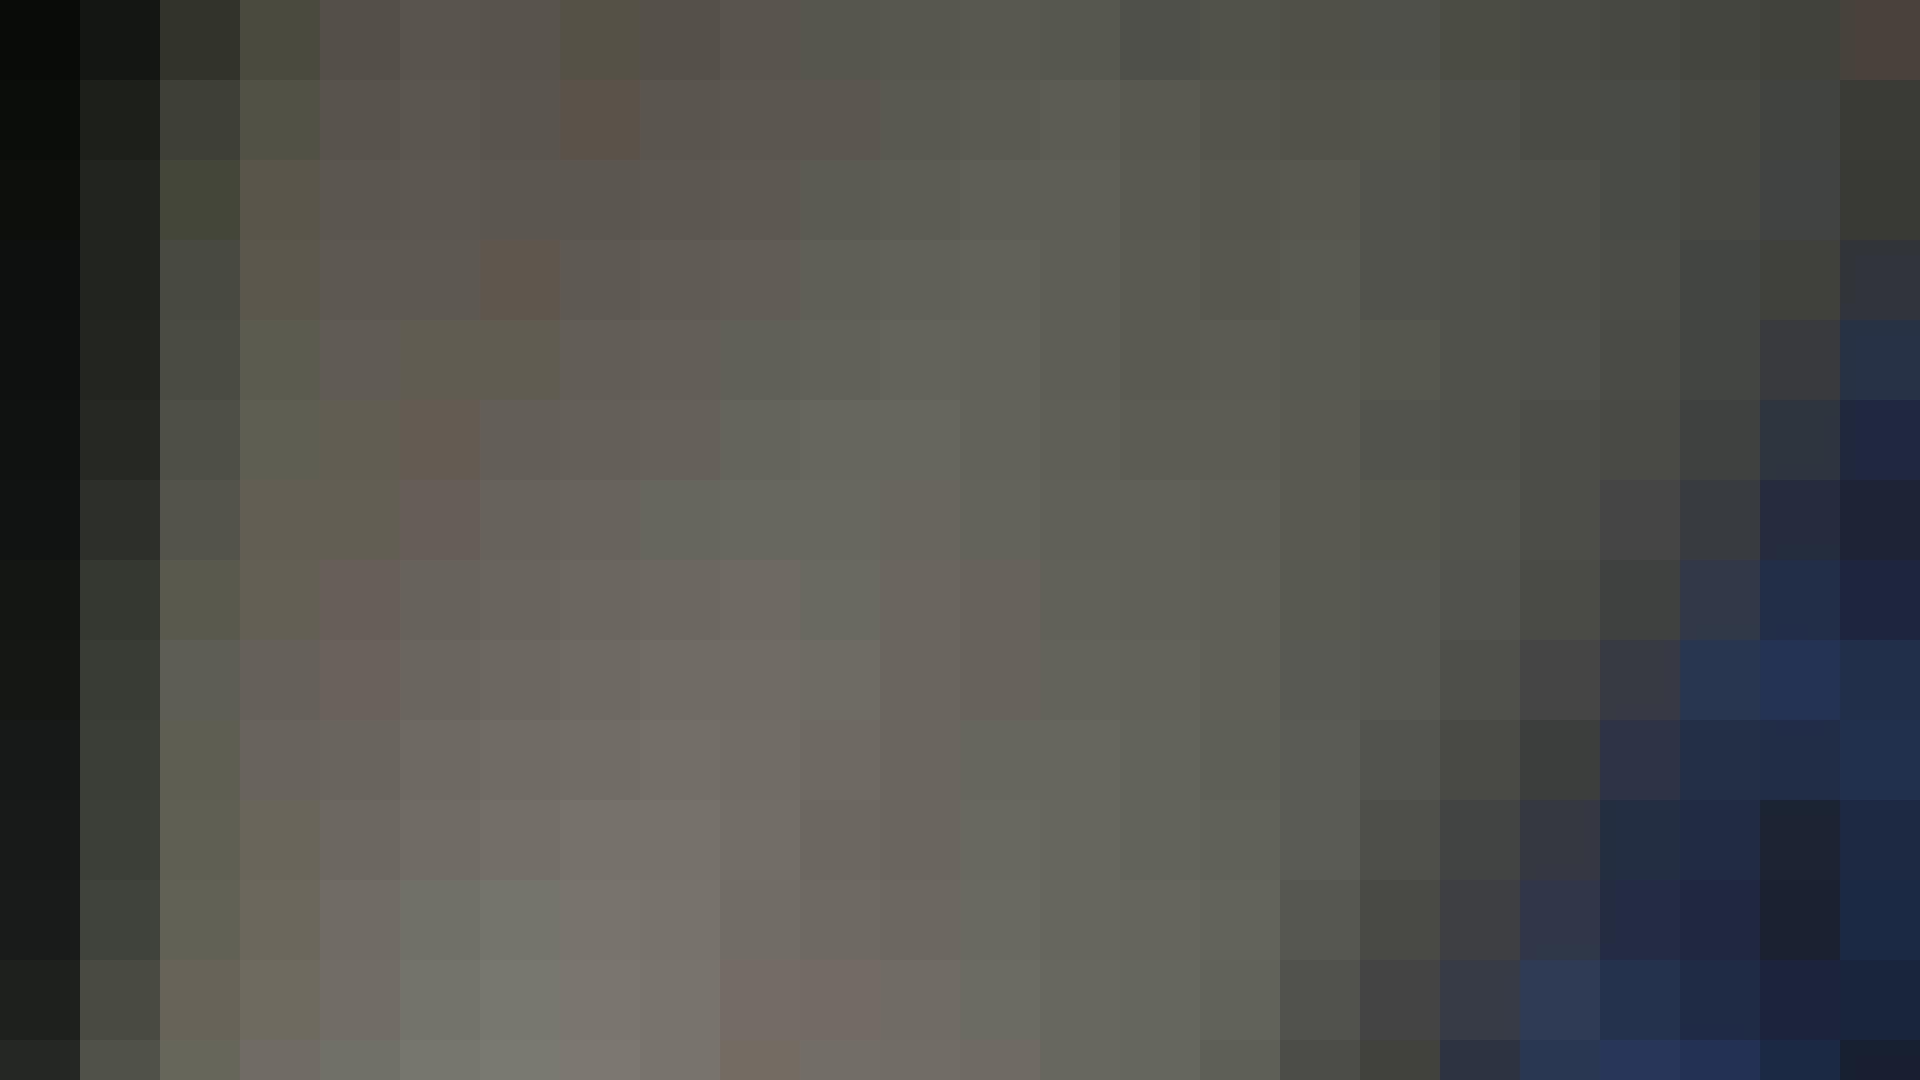 阿国ちゃんの「和式洋式七変化」No.18 iBO(フタコブ) 和式 盗撮 110PIX 101